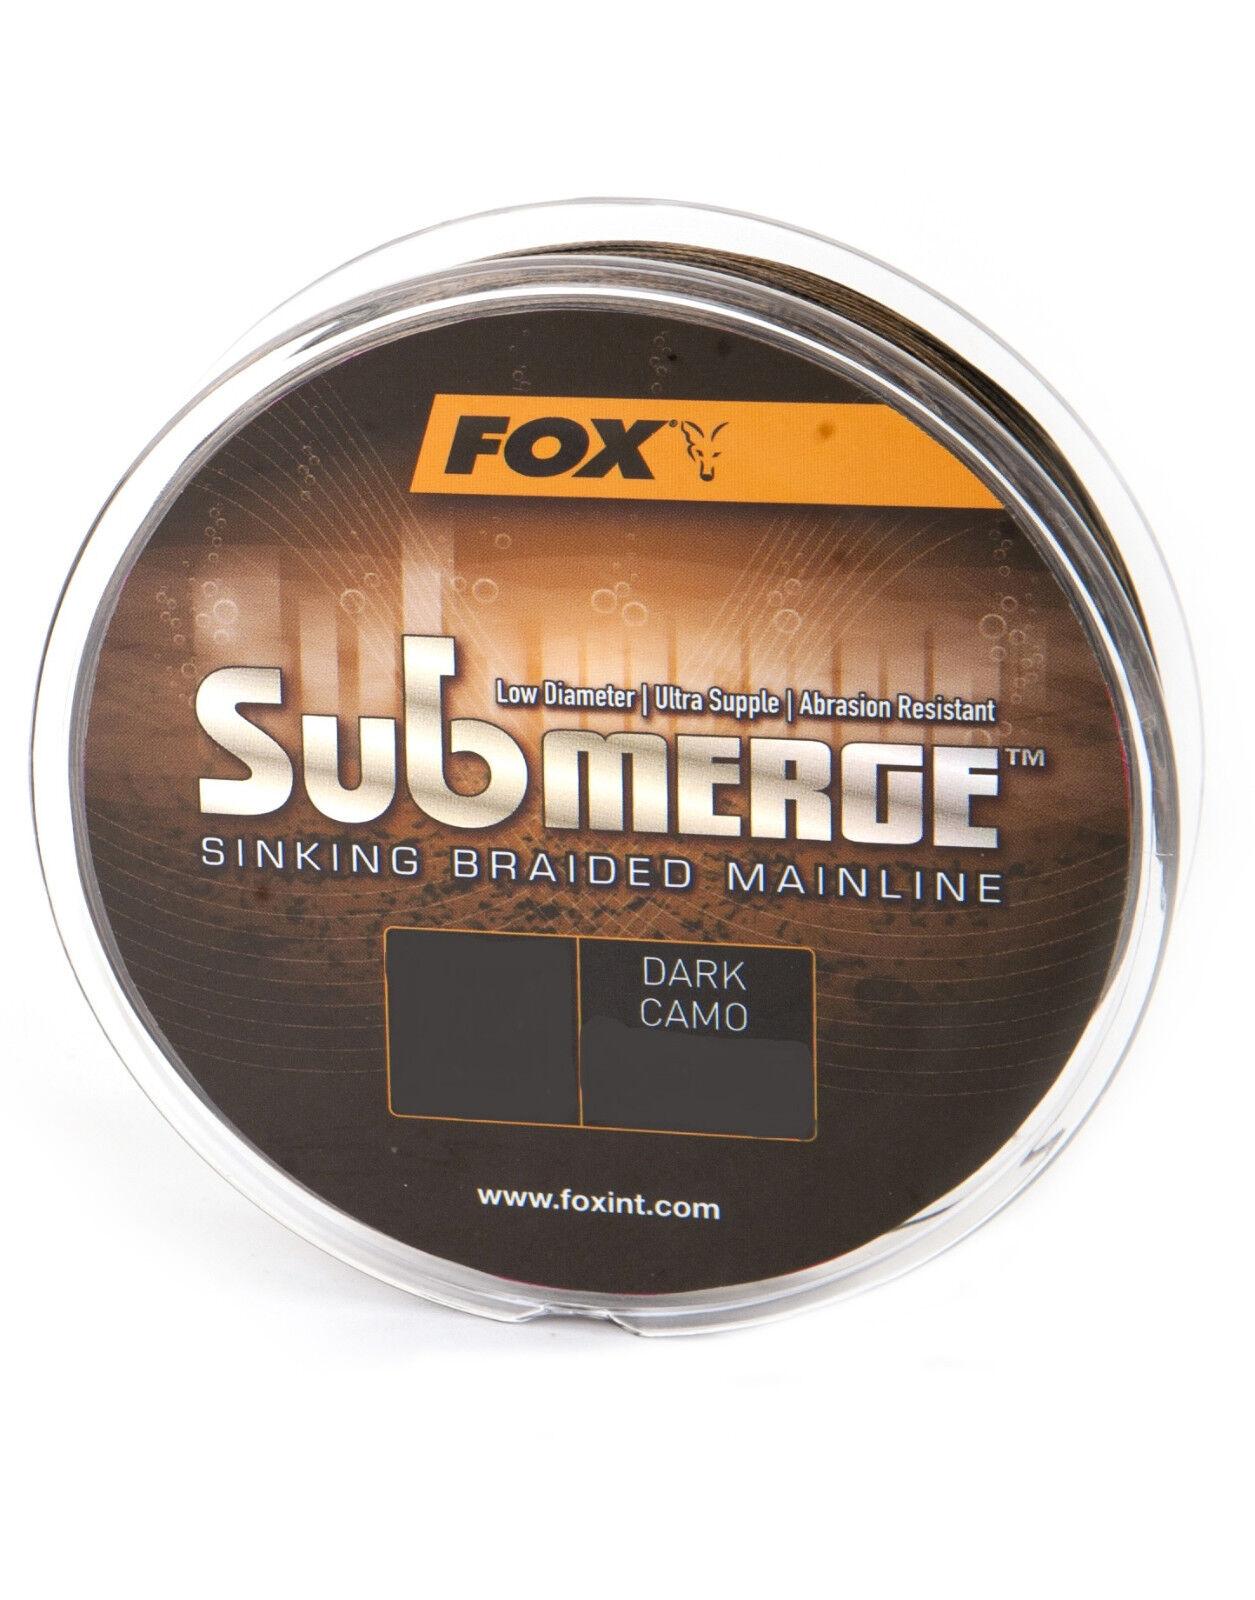 Fox Submerge Sinking Braided Mainline 600m Dark Camo Karpfenschnur Braided Line